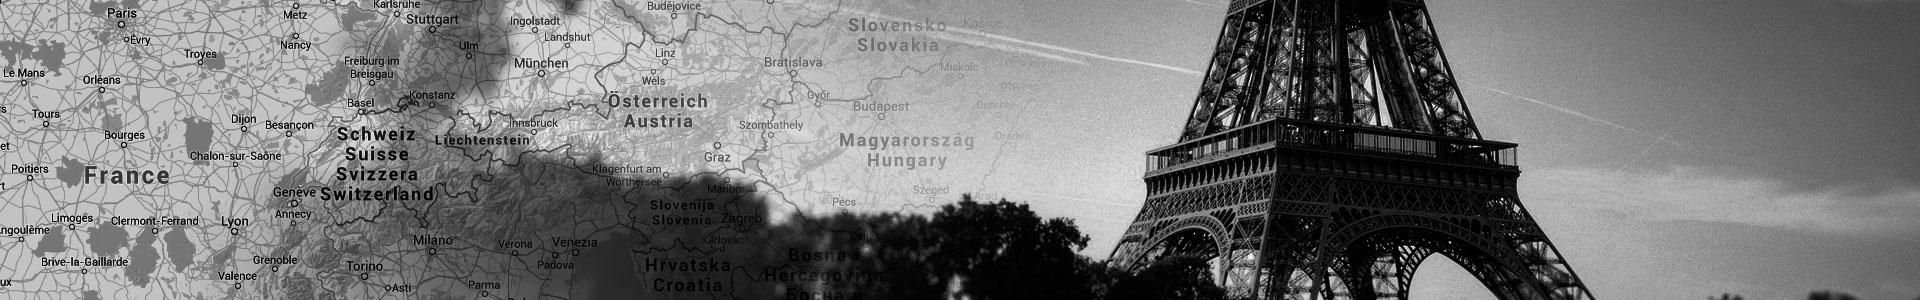 pacotes-turisticos-viajar-operadora-continentes-europa